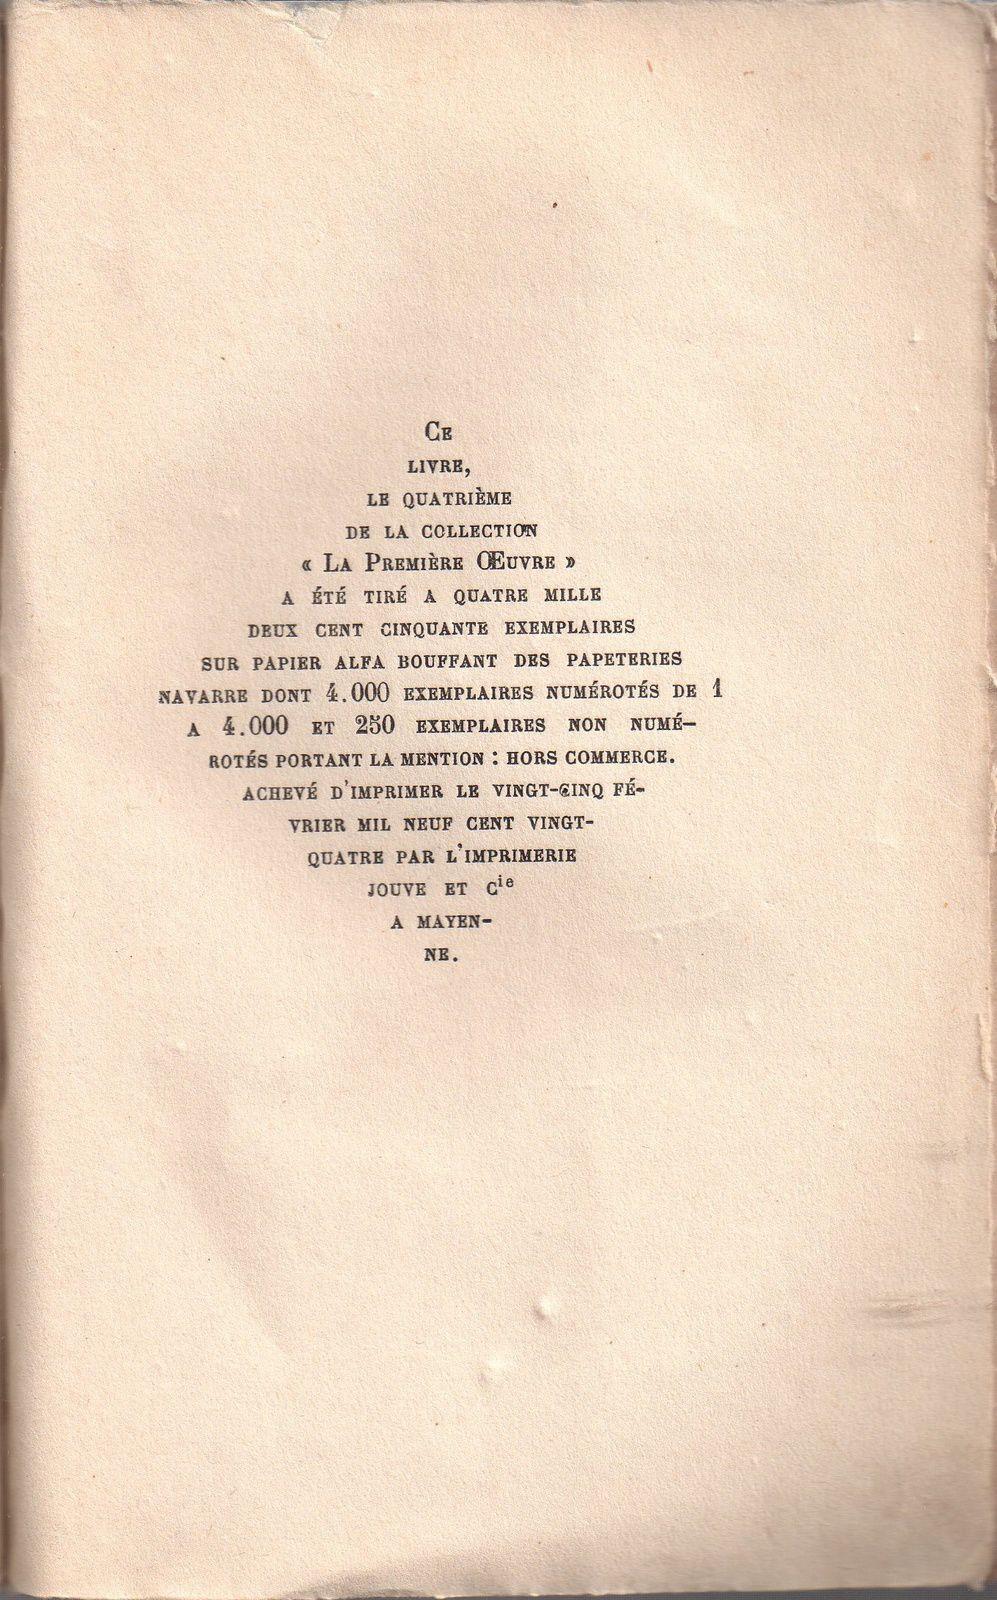 """Léon Lemonnier """"Entente cordiale"""" (Flammarion - 1924), sous le parrainage de J.-H. Rosny aîné"""